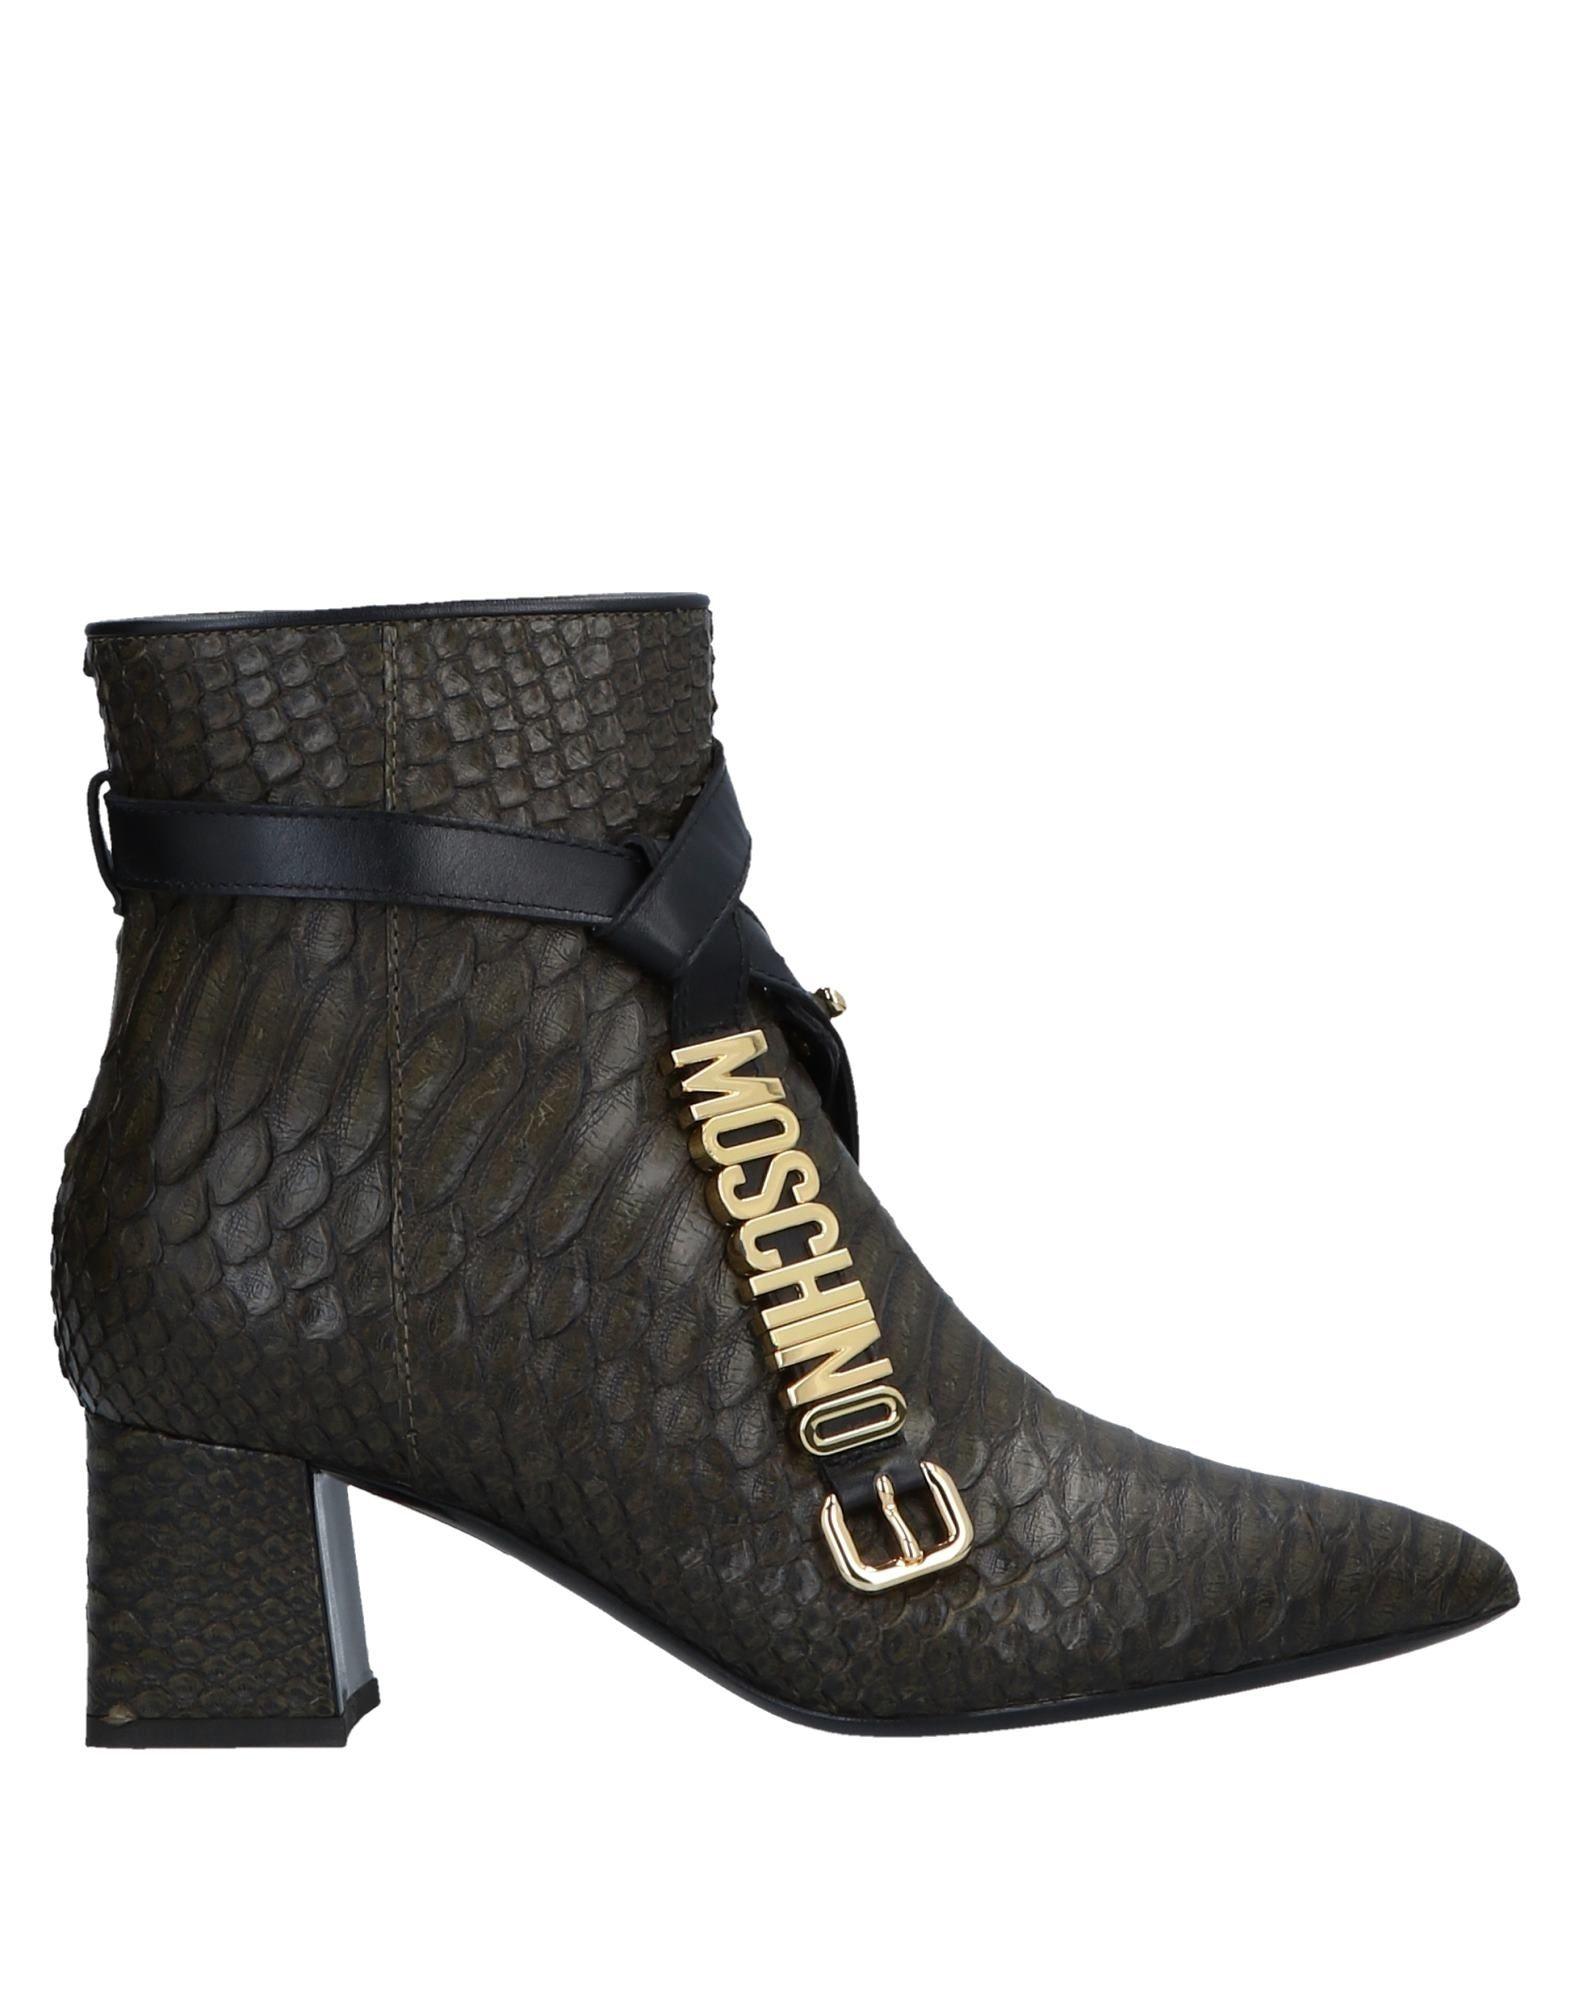 Moschino Stiefelette Damen gut  11535830JSGünstige gut Damen aussehende Schuhe 29741f